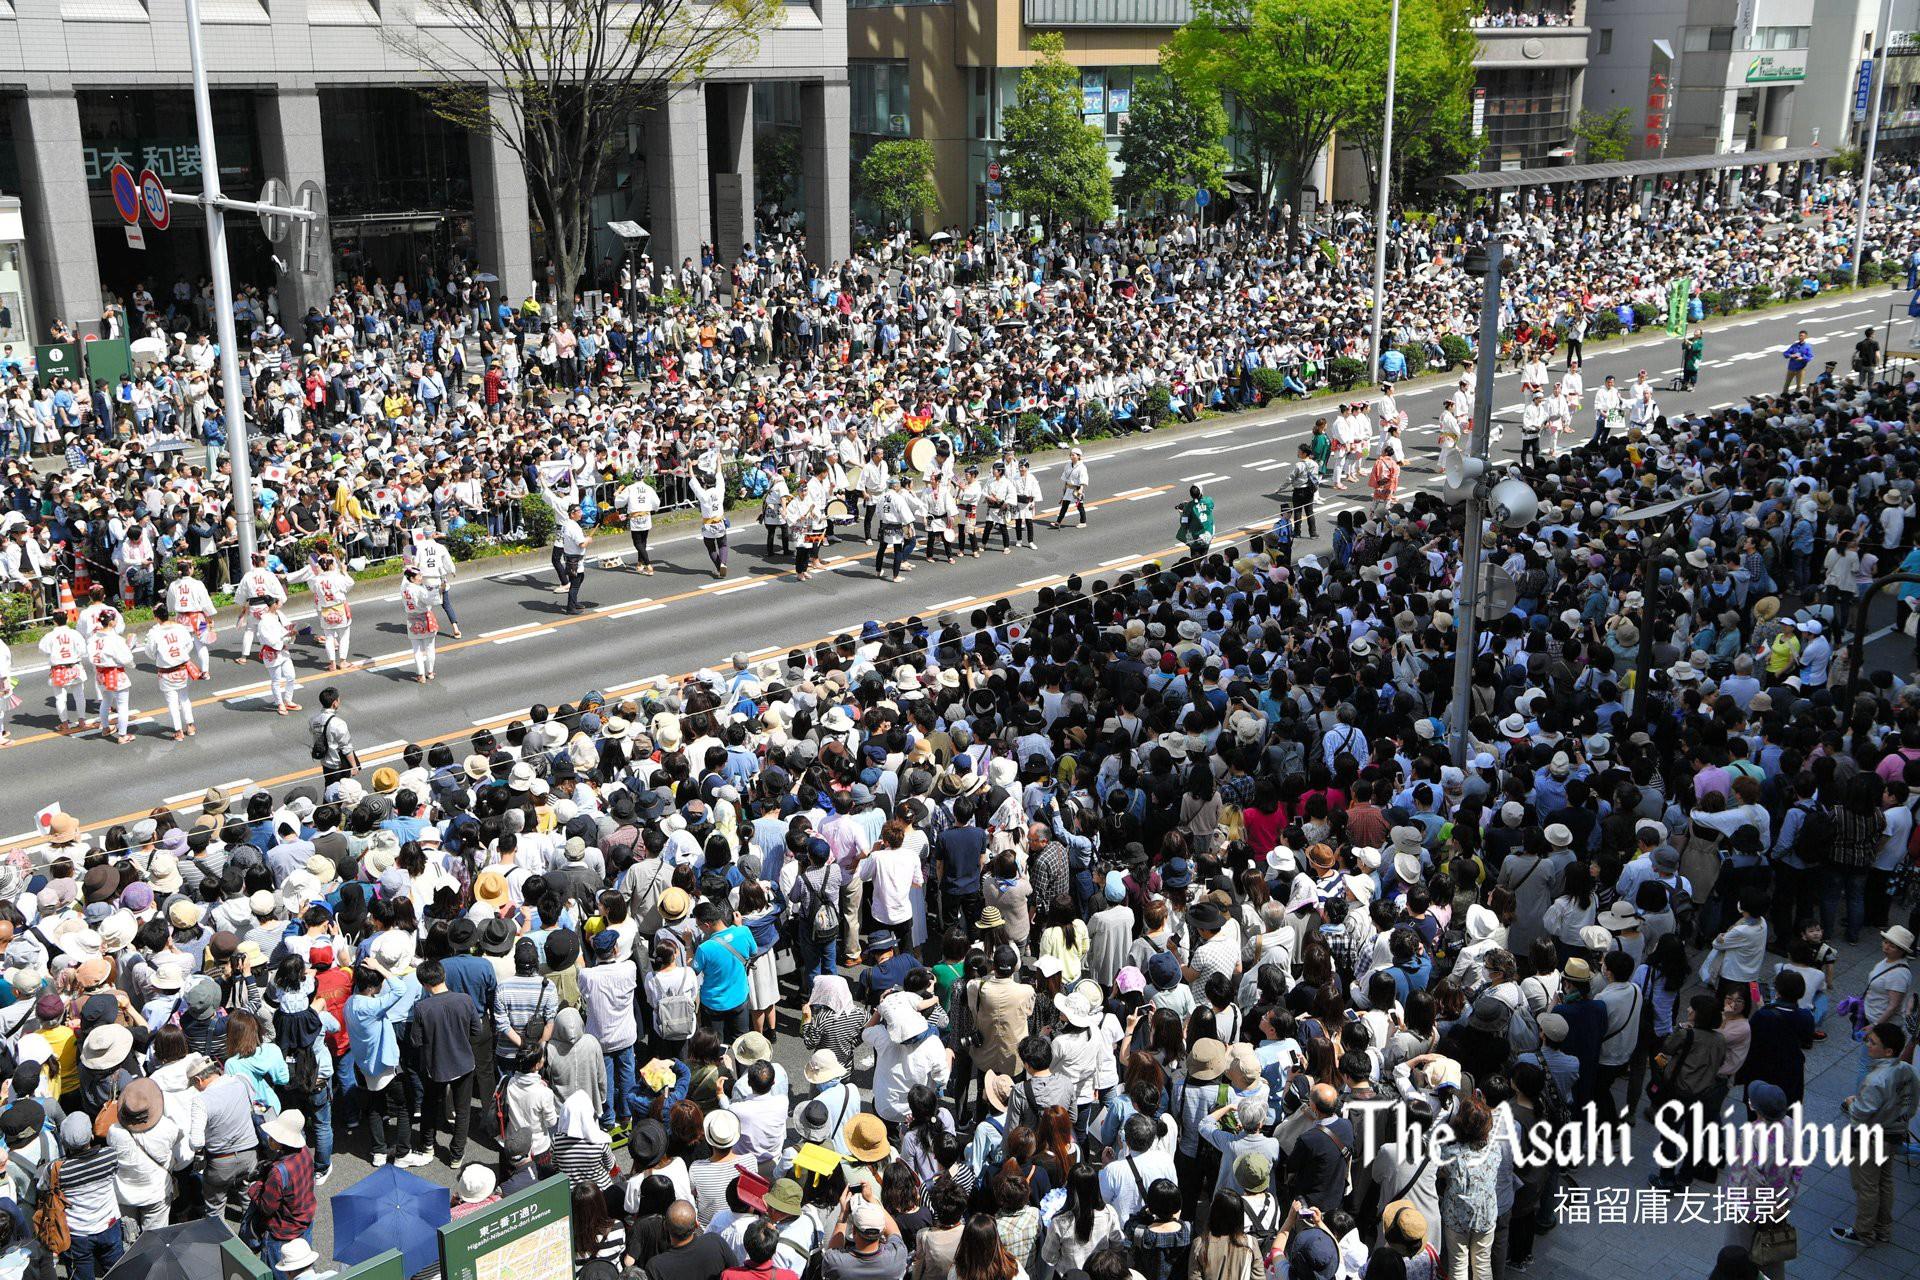 Biển người Nhật Bản đổ ra đường đón hoàng tử sân băng Yuzuru Hanyu trở về quê, đông không kém fan đón idol Kpop! - Ảnh 6.